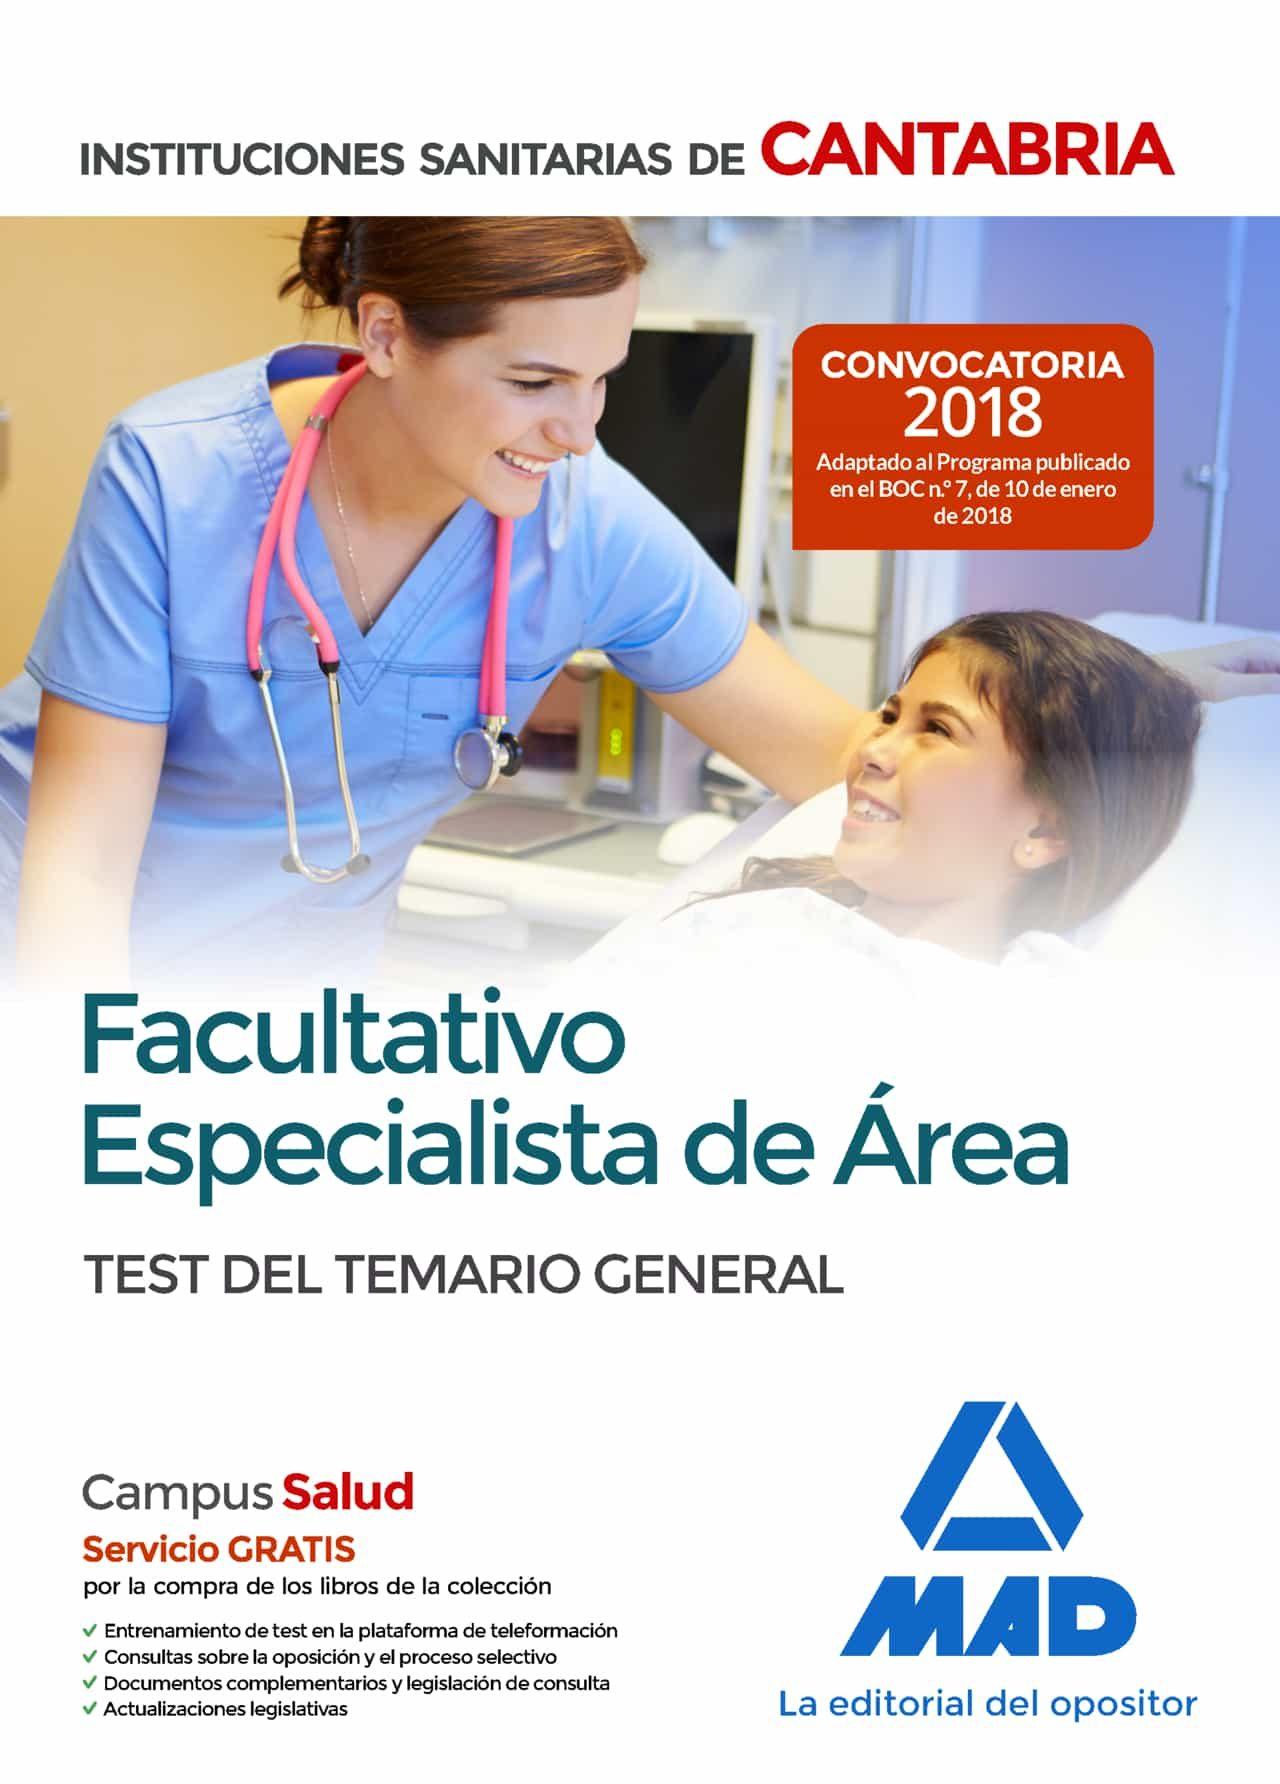 Facultativo Especialista De Area De Las Instituciones Sanitarias De Ca - Vv.aa.